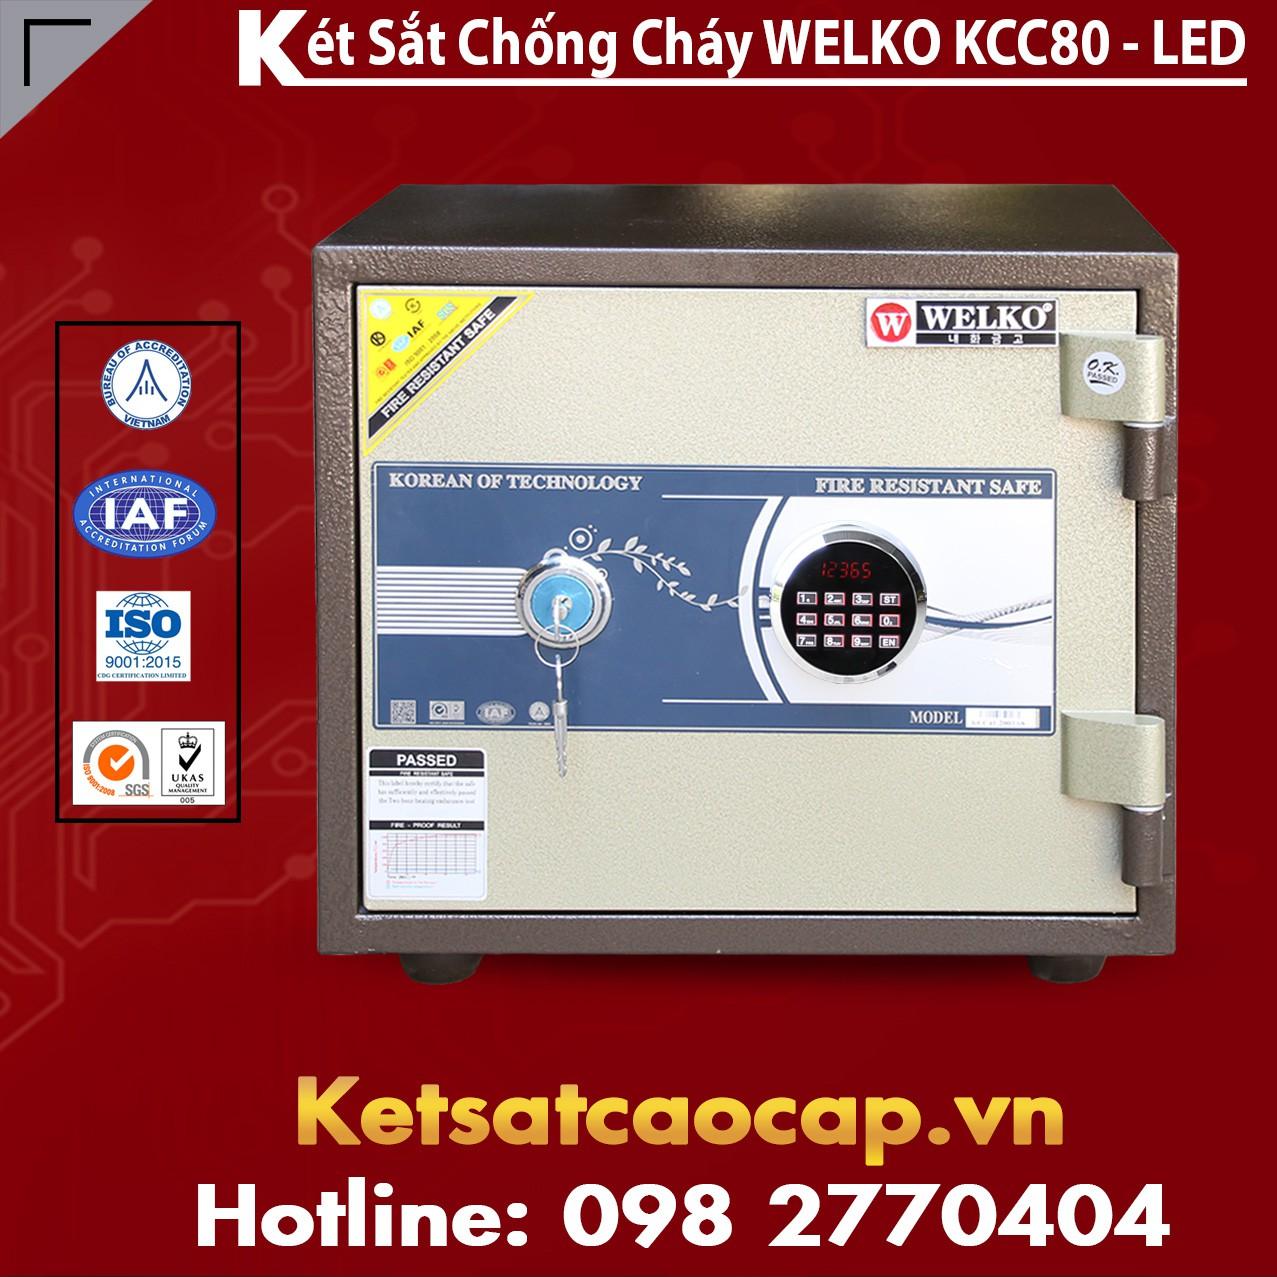 Két Sắt Bình Dương WELKO KCC80 - LED